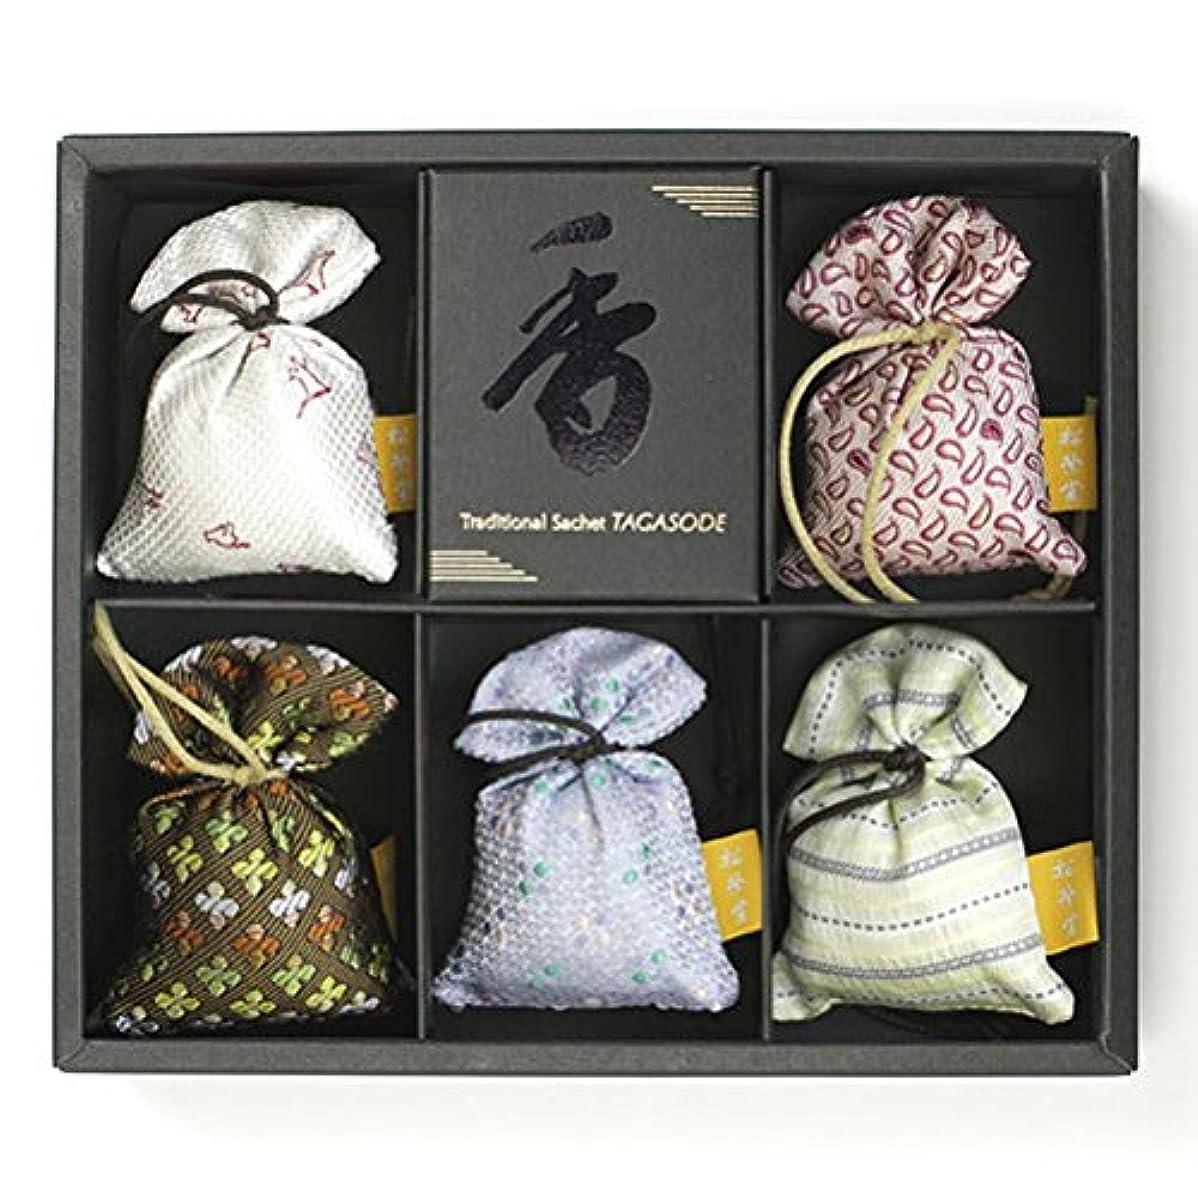 感謝かなりコンパス匂い袋 誰が袖 薫 かおる 5個入 松栄堂 Shoyeido 本体長さ60mm